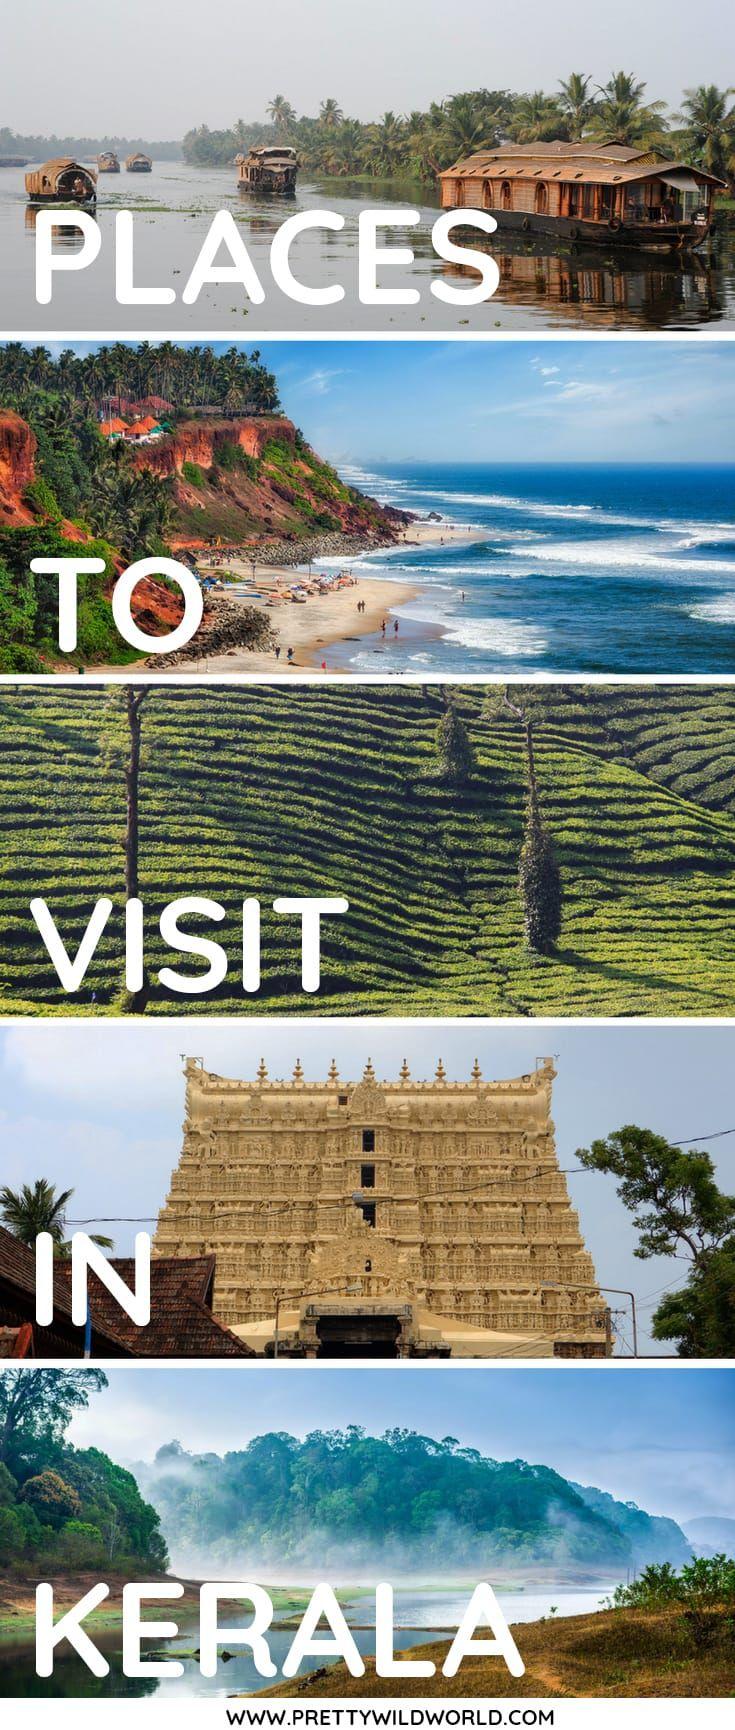 #KERALA #INDIA #TRAVEL   Places to visit in Kerala   Kerala India   Travel Kerala Destinations   Kerala Travel Bucket lists   Kerala Travel Beaches   Visit India   Visit Kerala   Kerala Tourism   Kerala Blog Express   Kerala Backwaters   Kerala Tea Plantations